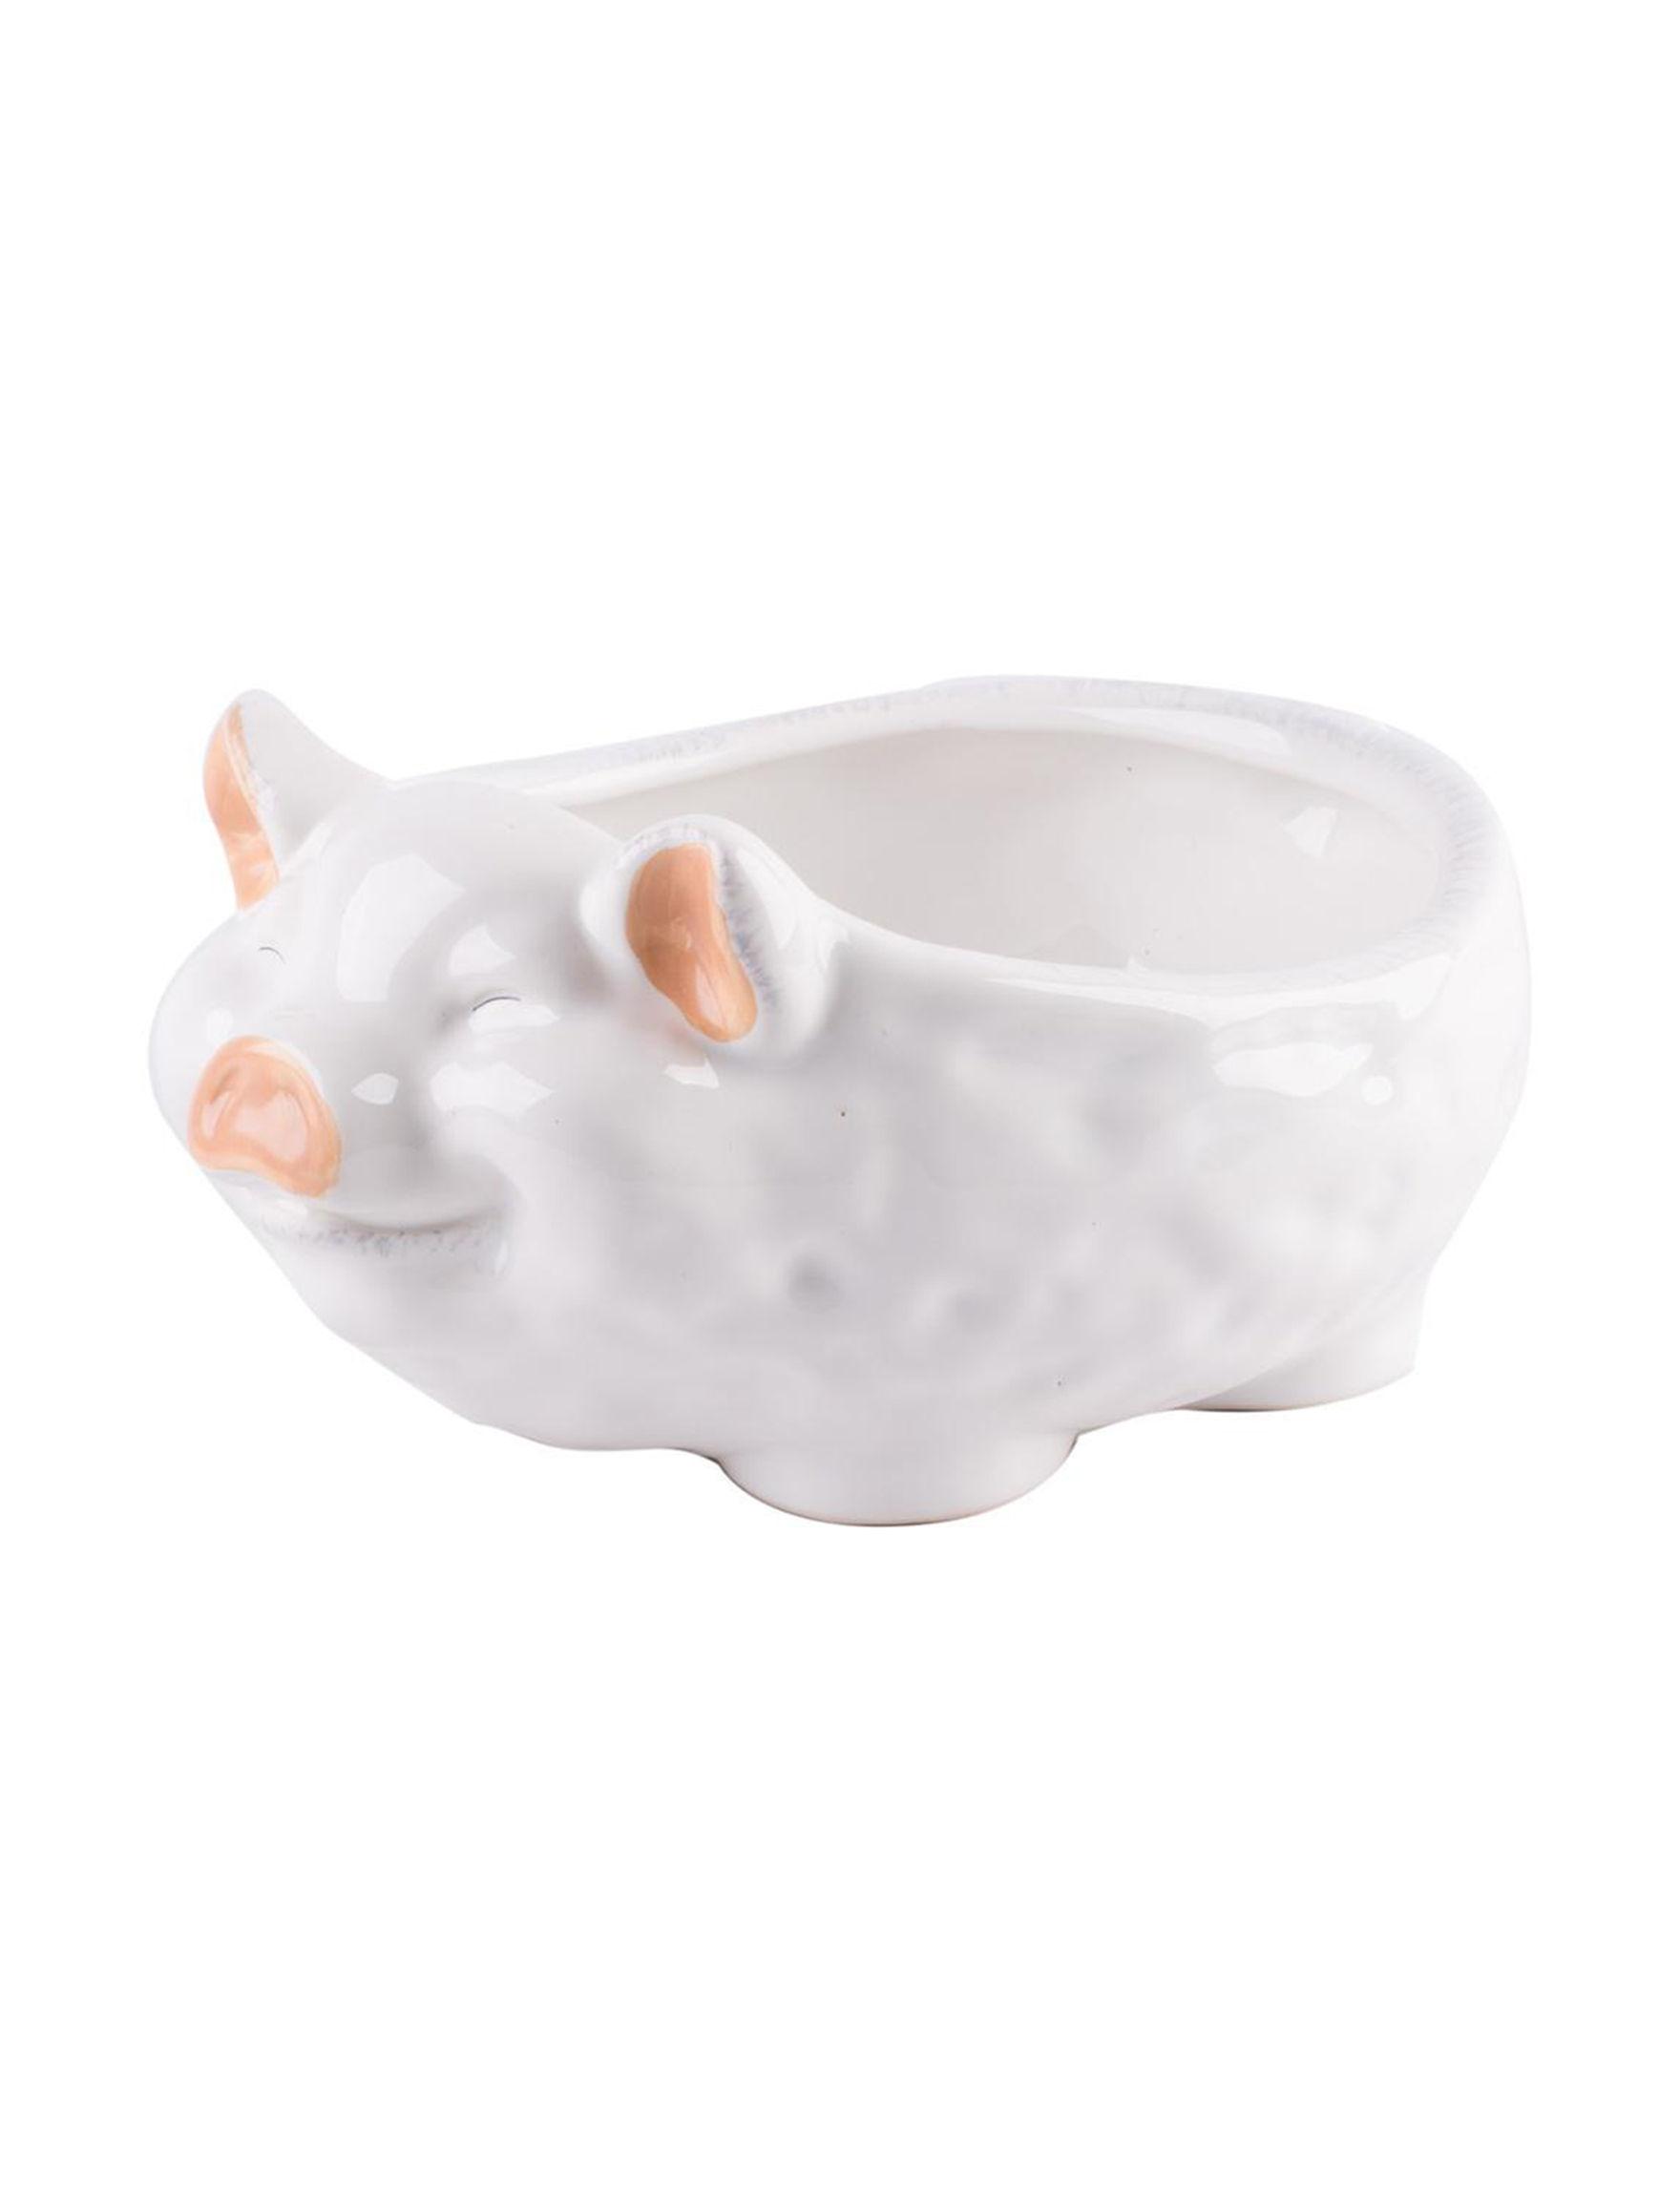 Home Essentials White Bowls Dinnerware